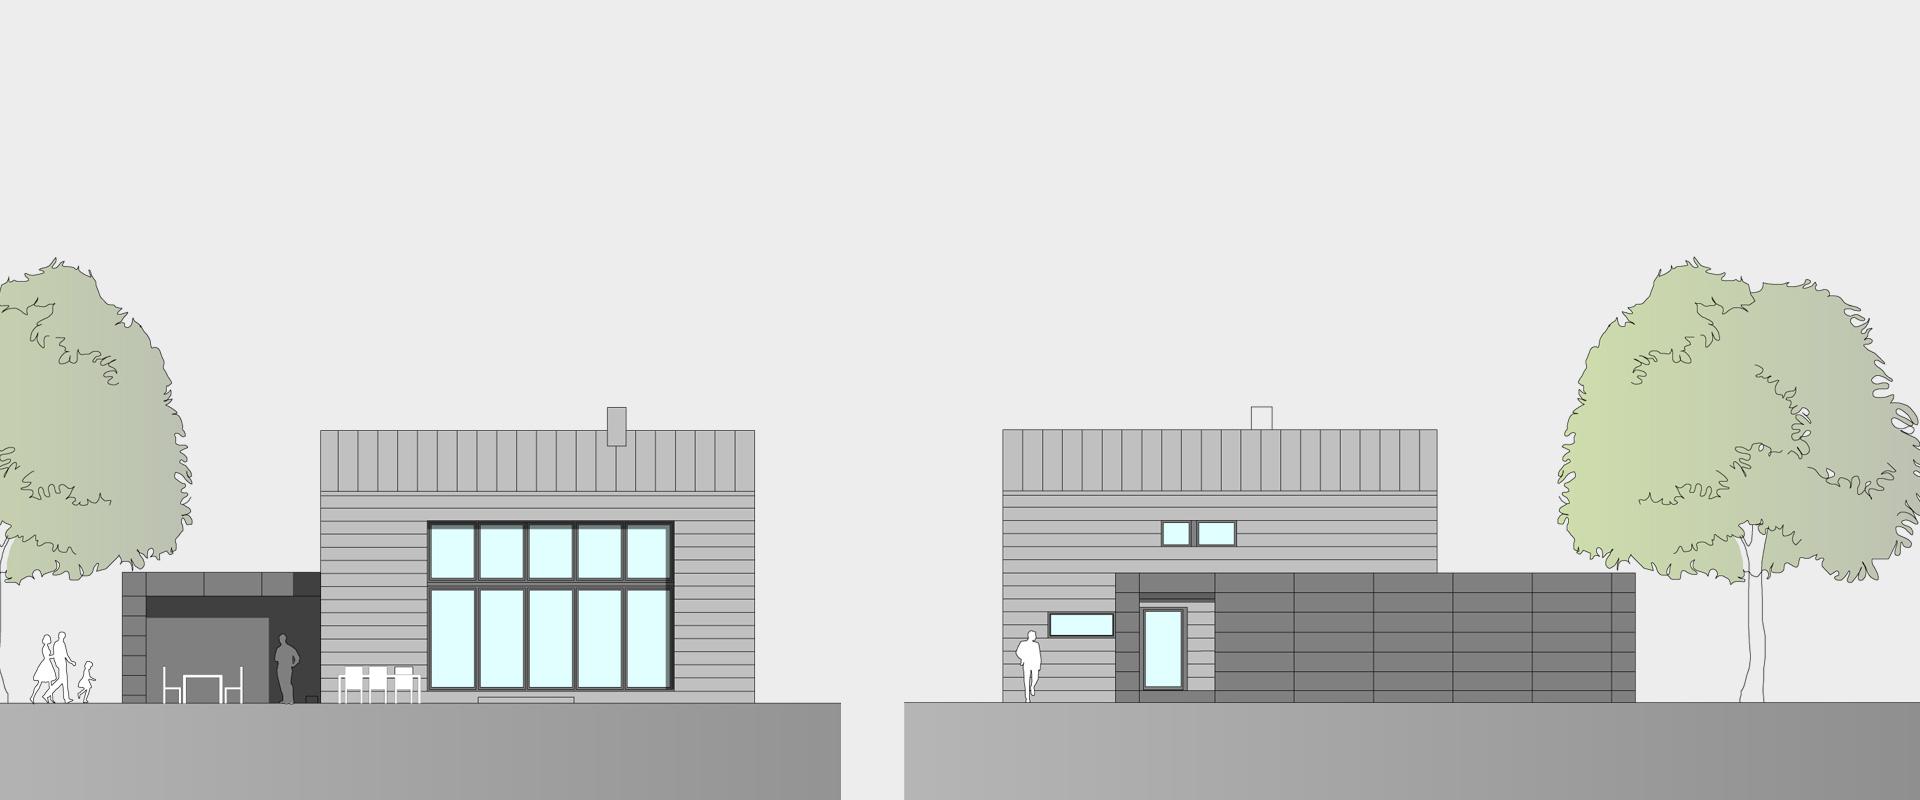 Architekturbüro musahl Waldshut Wohnhaus S. in Oberweschnegg Süd, Nord